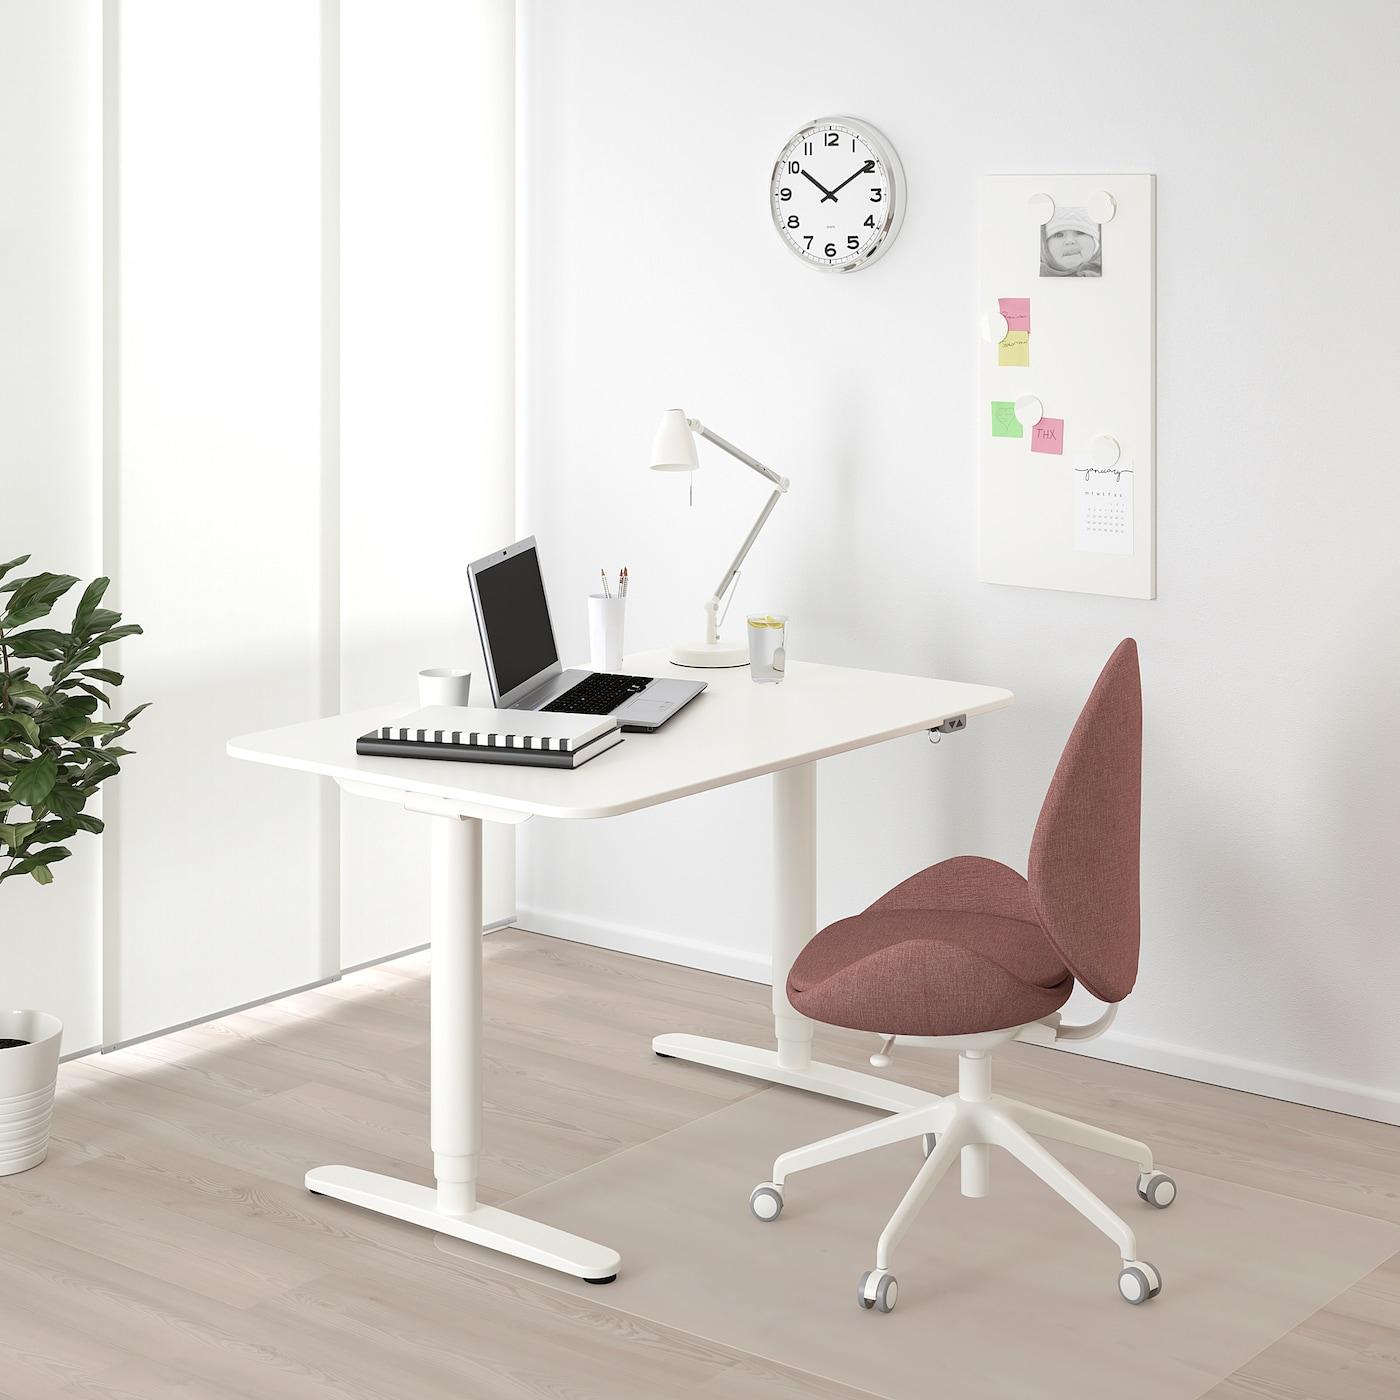 Bekant Bureau Assis Debout Blanc 120x80 Cm Ikea